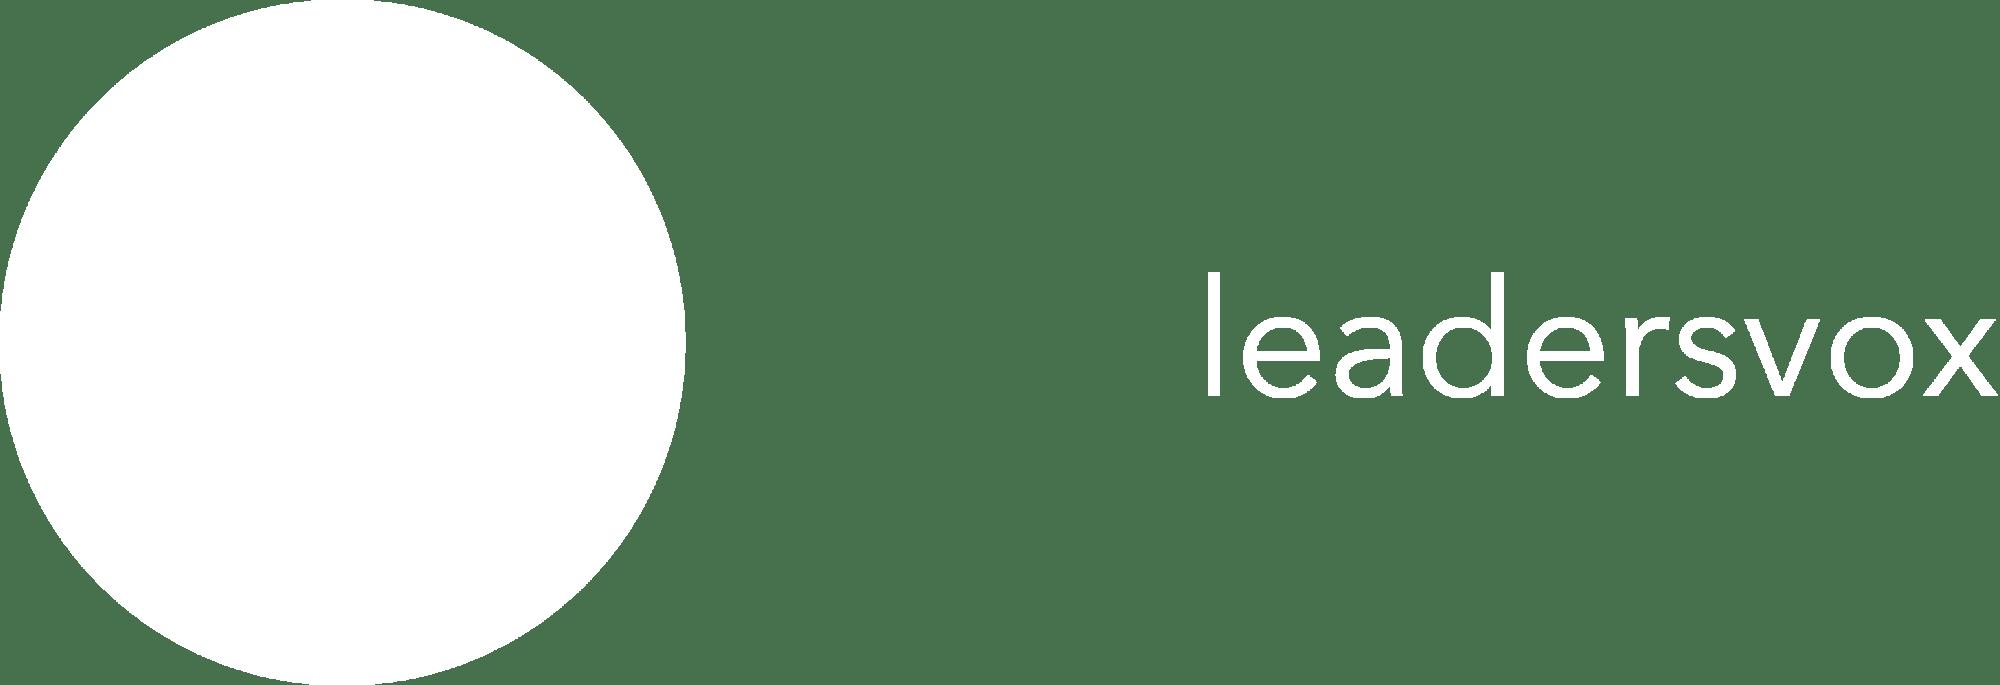 leaderB_2